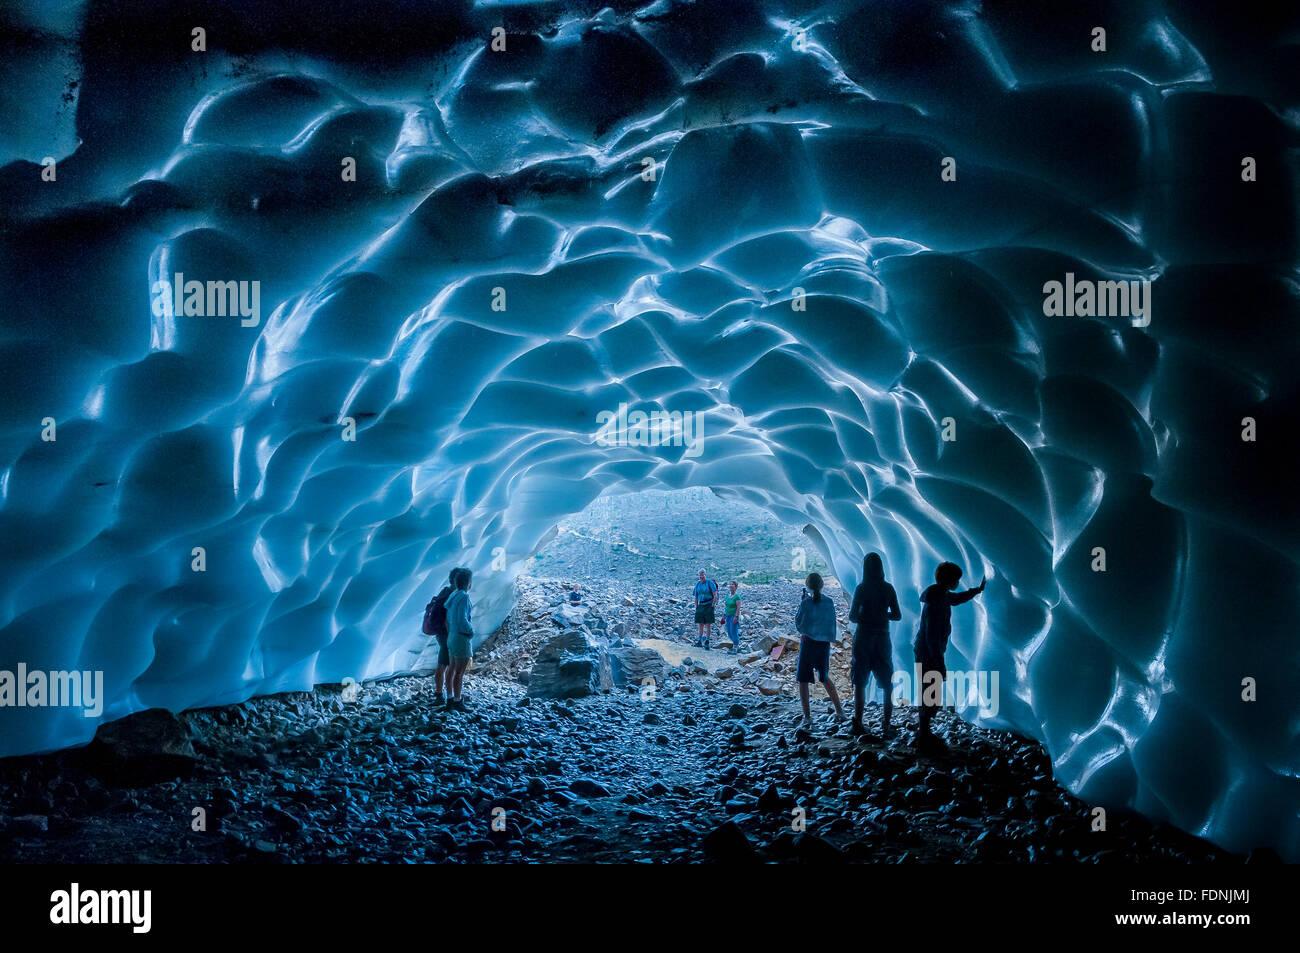 La gente explorar la cueva de hielo de Cavell glaciar, el Parque Nacional de Jasper, Alberta, Canadá Imagen De Stock